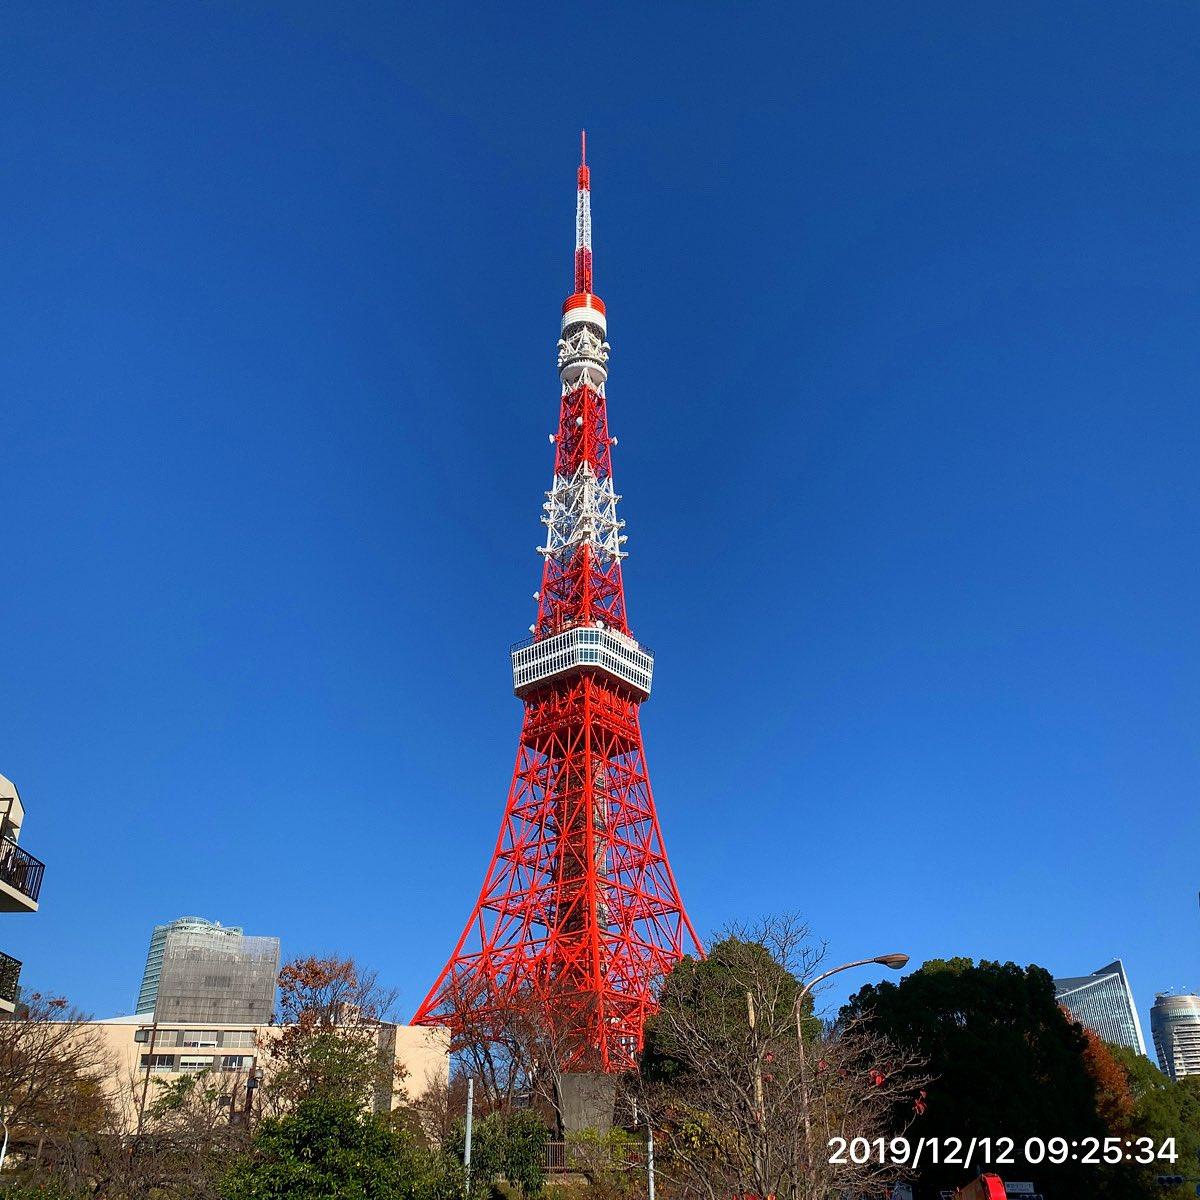 2019/12/12  おはようございます😃 今朝の東京タワーは快晴🗼 #東京タワーが好き  #東京タワー #東京 #港区 #tokyotower